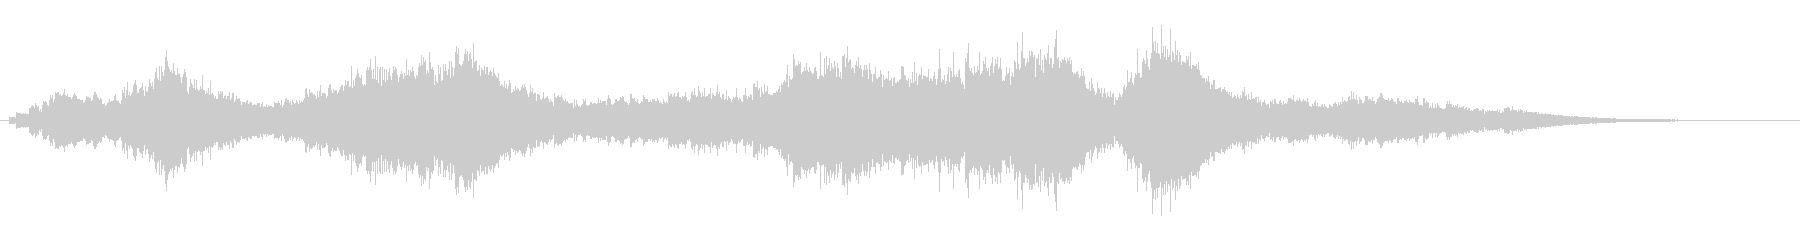 『ドロドロドロ・・・』和製ドラの連打音の未再生の波形